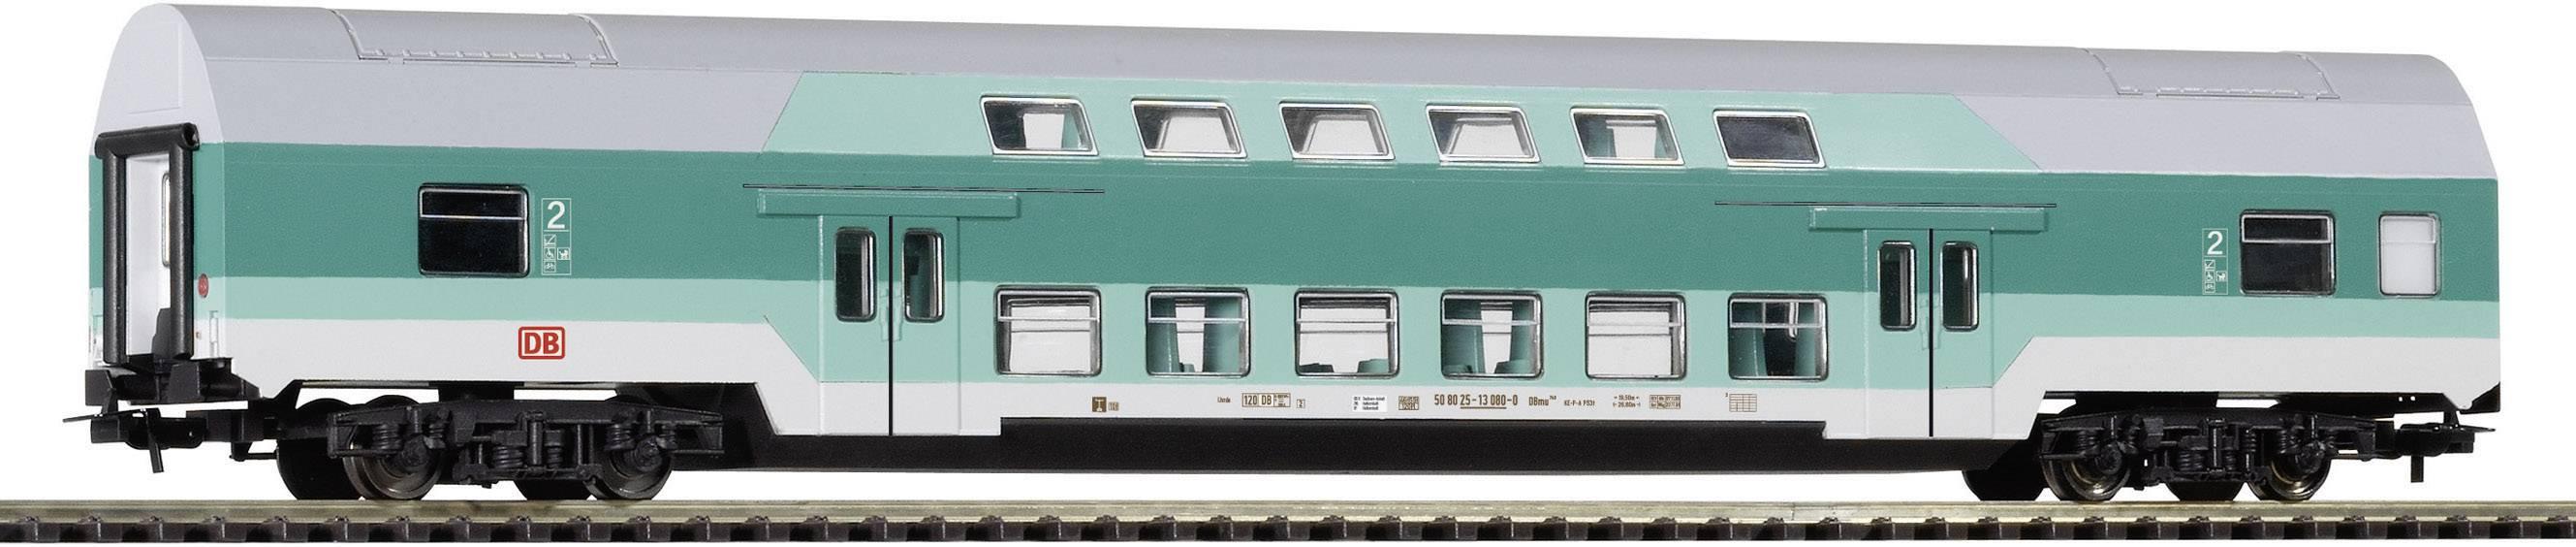 H0 dvoupatrový vlak, model Piko H0 57680